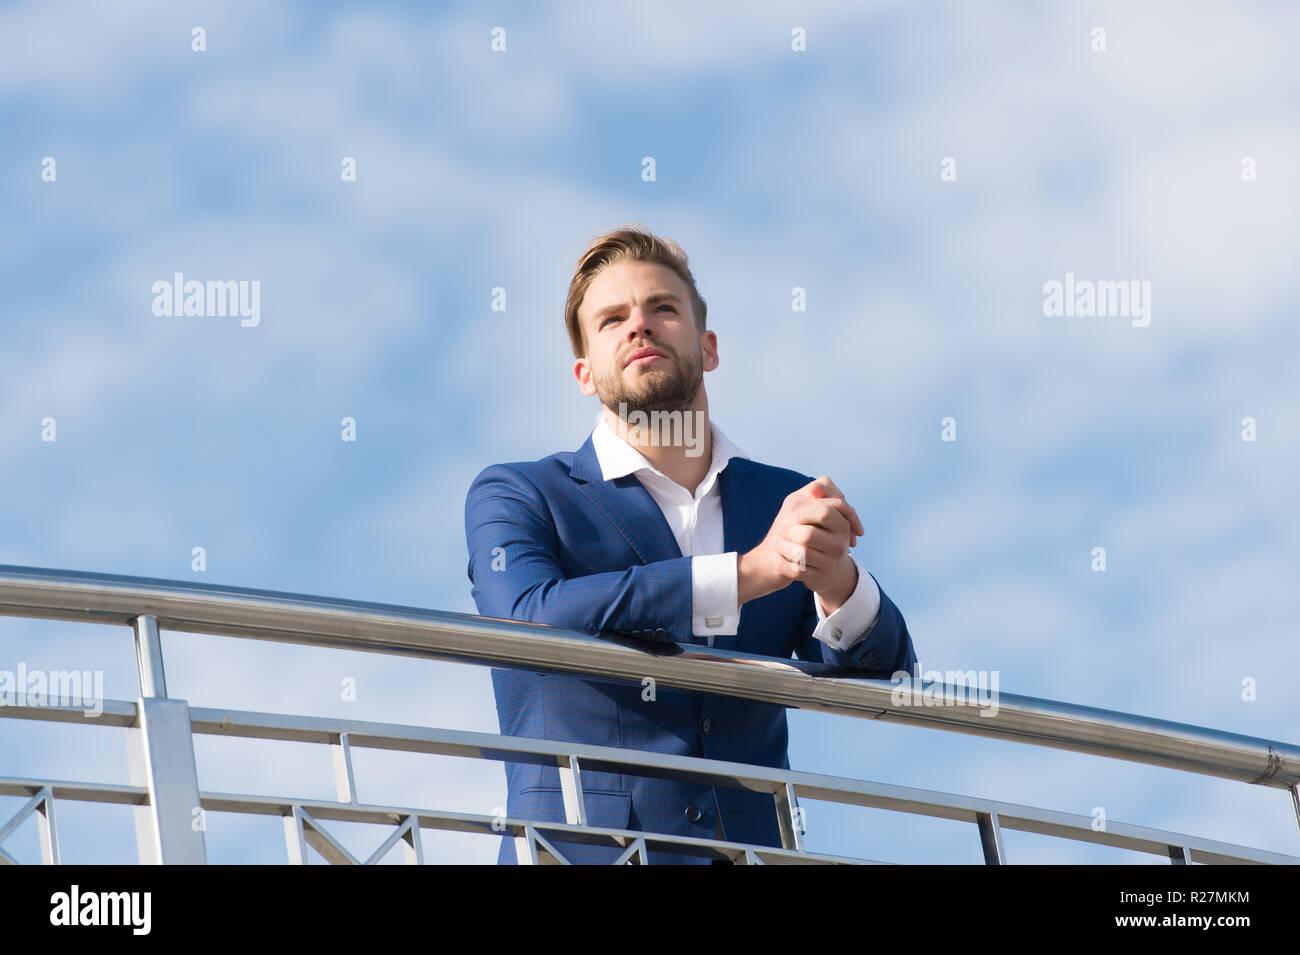 515618ac628f Uomo in abbigliamento formale sul piedistallo nuvoloso cielo blu.  Imprenditore fiducioso all'aperto. Guardando al futuro. Pensare a nuove  possibilità.